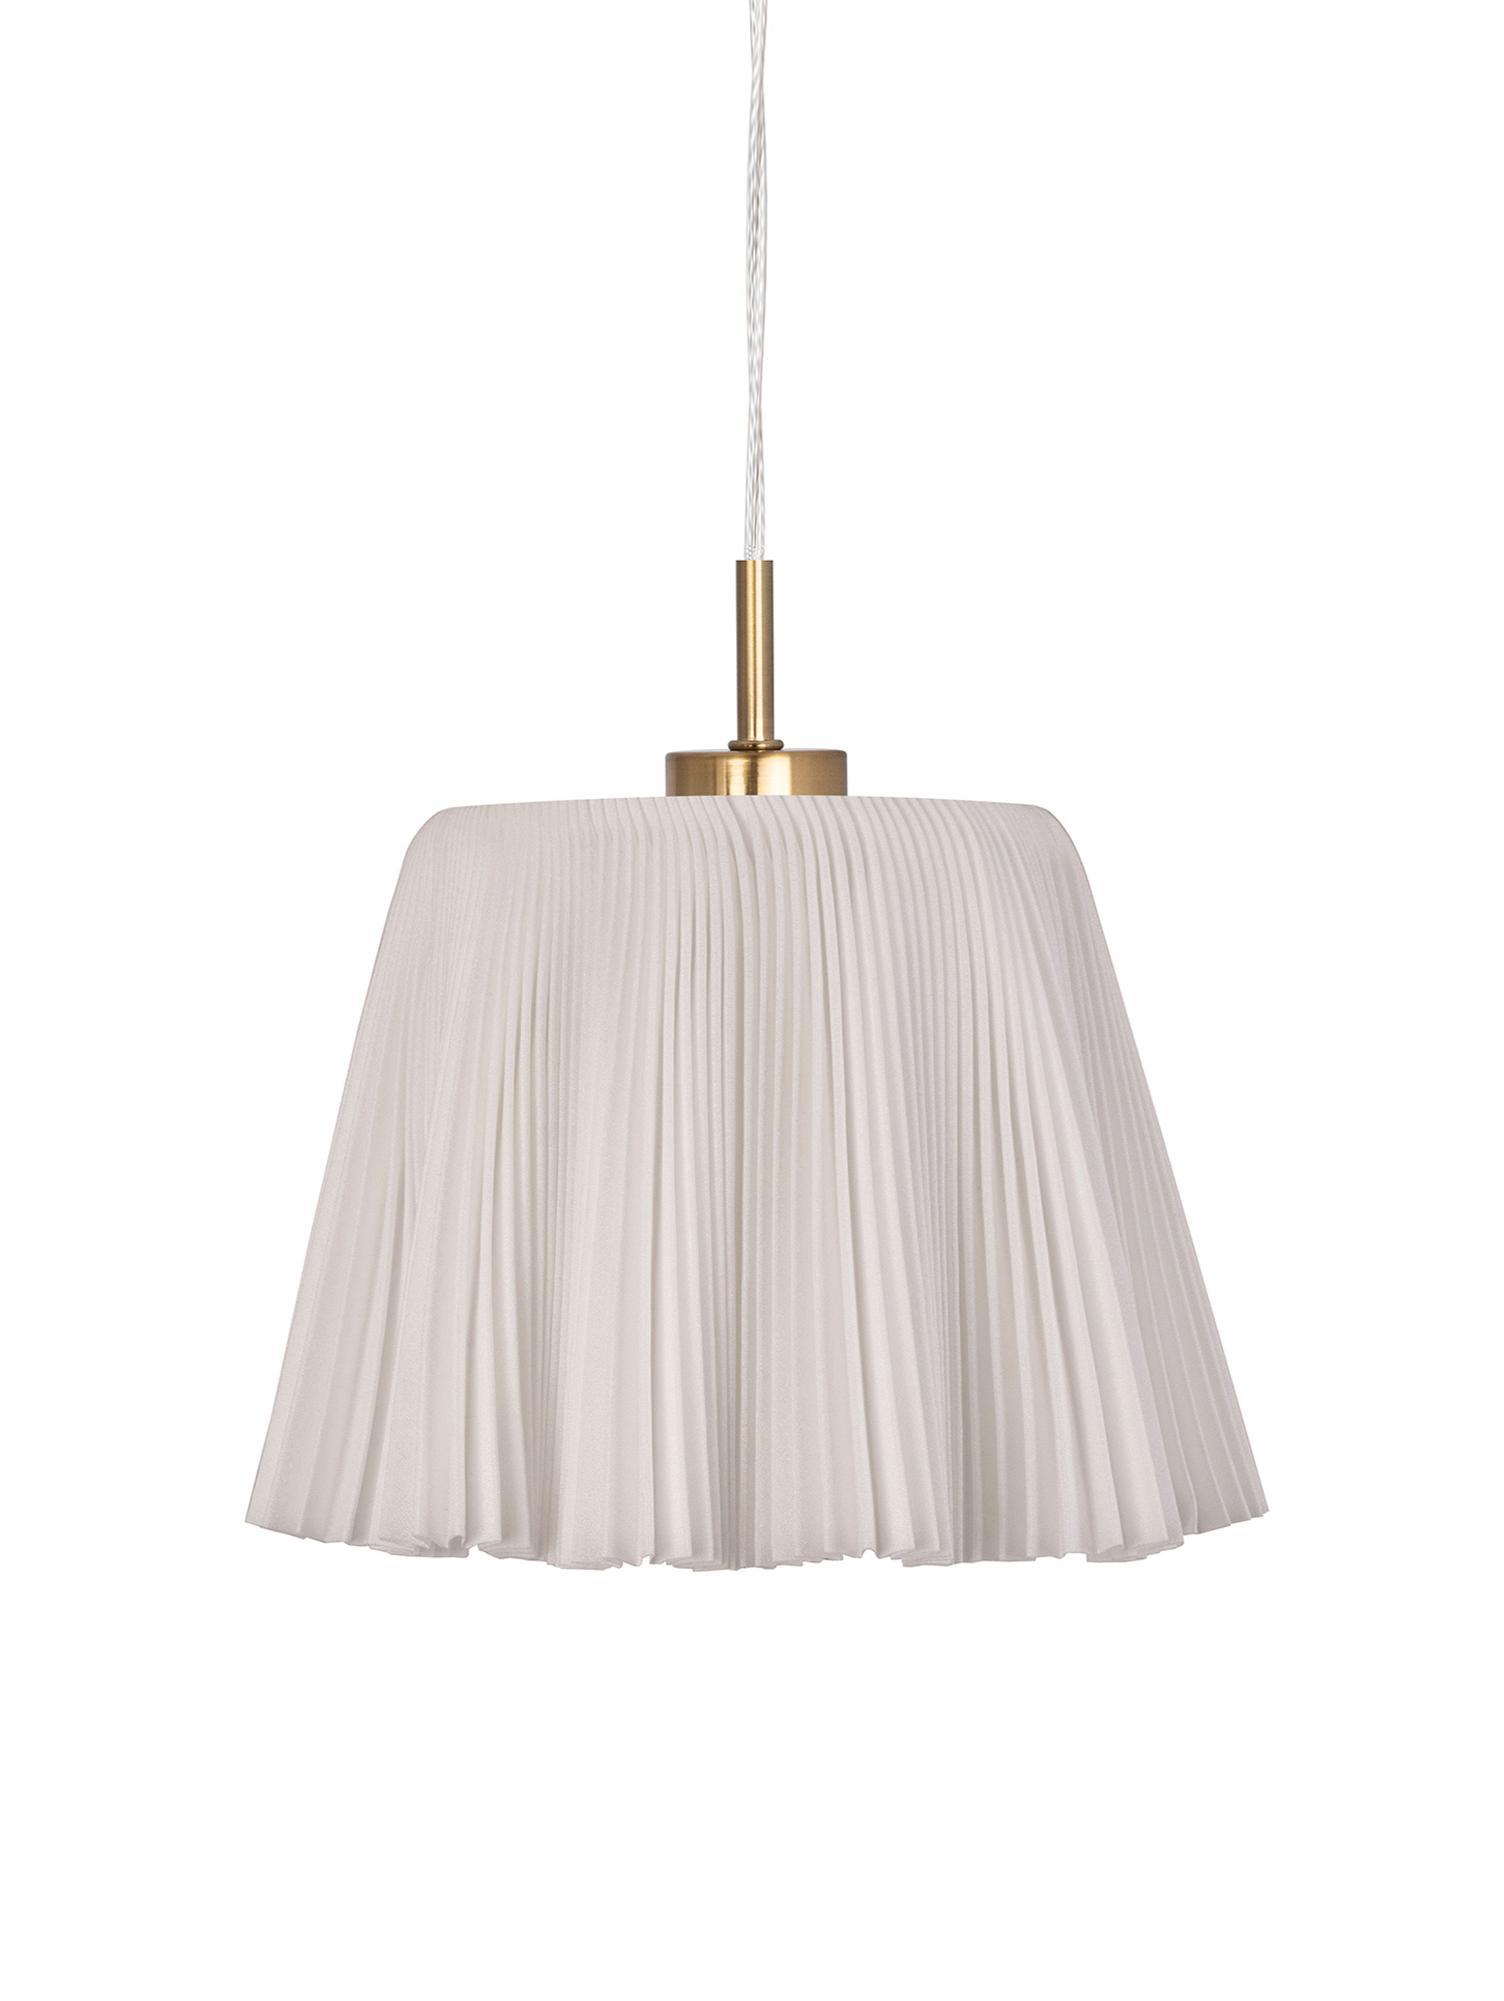 Lampada a sospensione Edith, Cotone, metallo, Beige, ottonato, Ø 20 x Alt. 25 cm